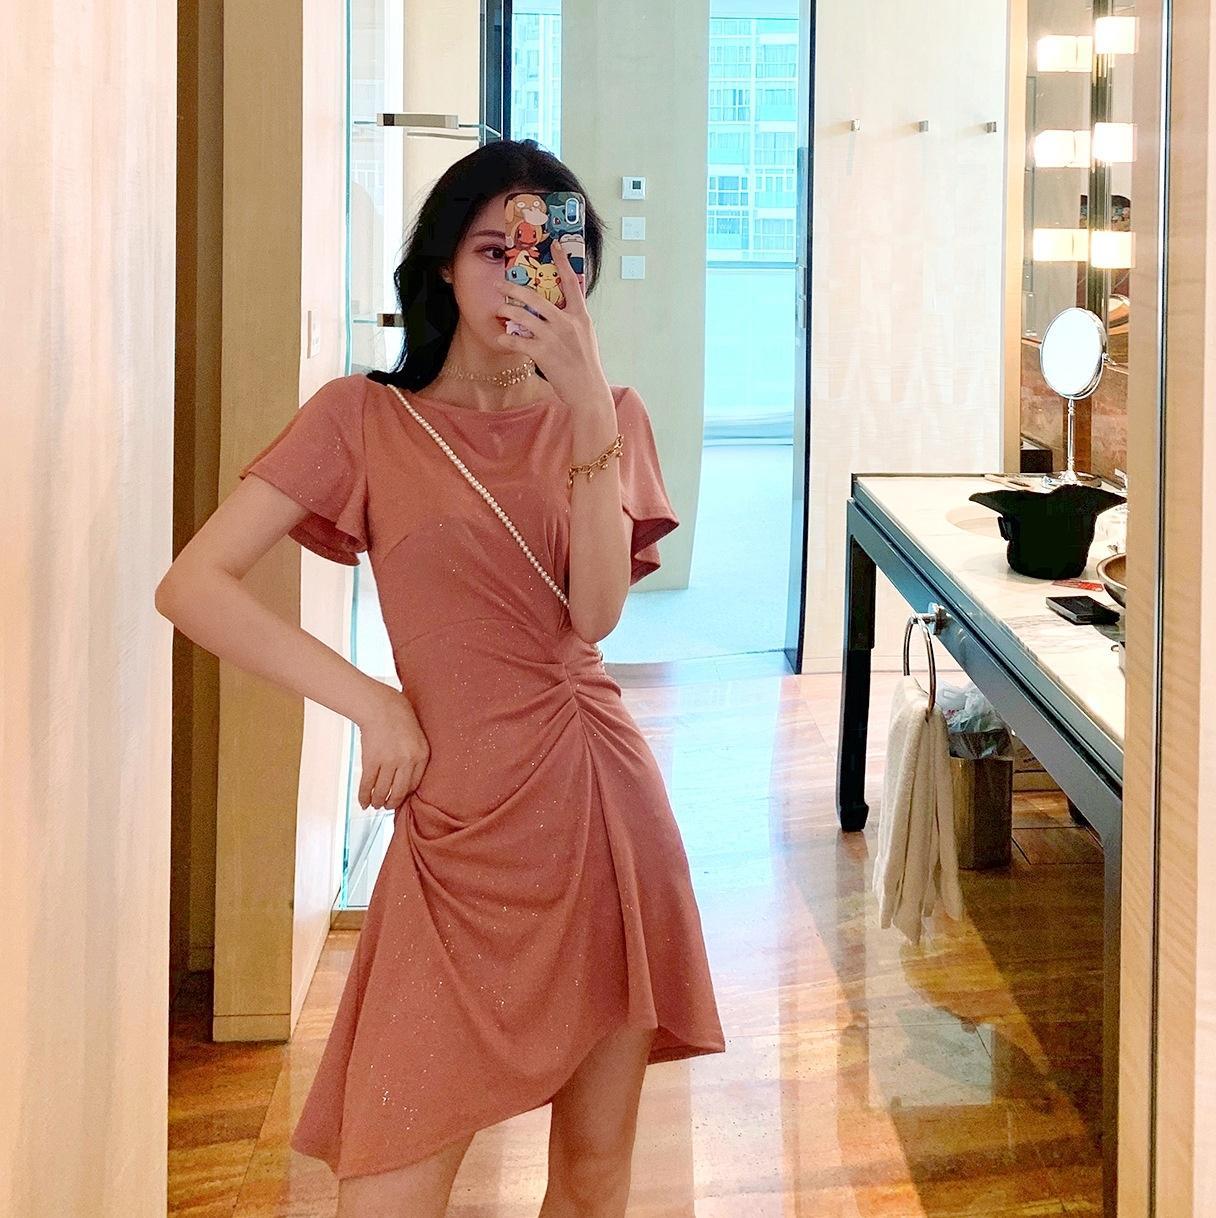 nwlQ8 2020 nueva luz irregular vestido de madurar el temperamento del verano del estilo del nuevo del verano costura vestido de manga corta de la cintura plisada de adelgazamiento